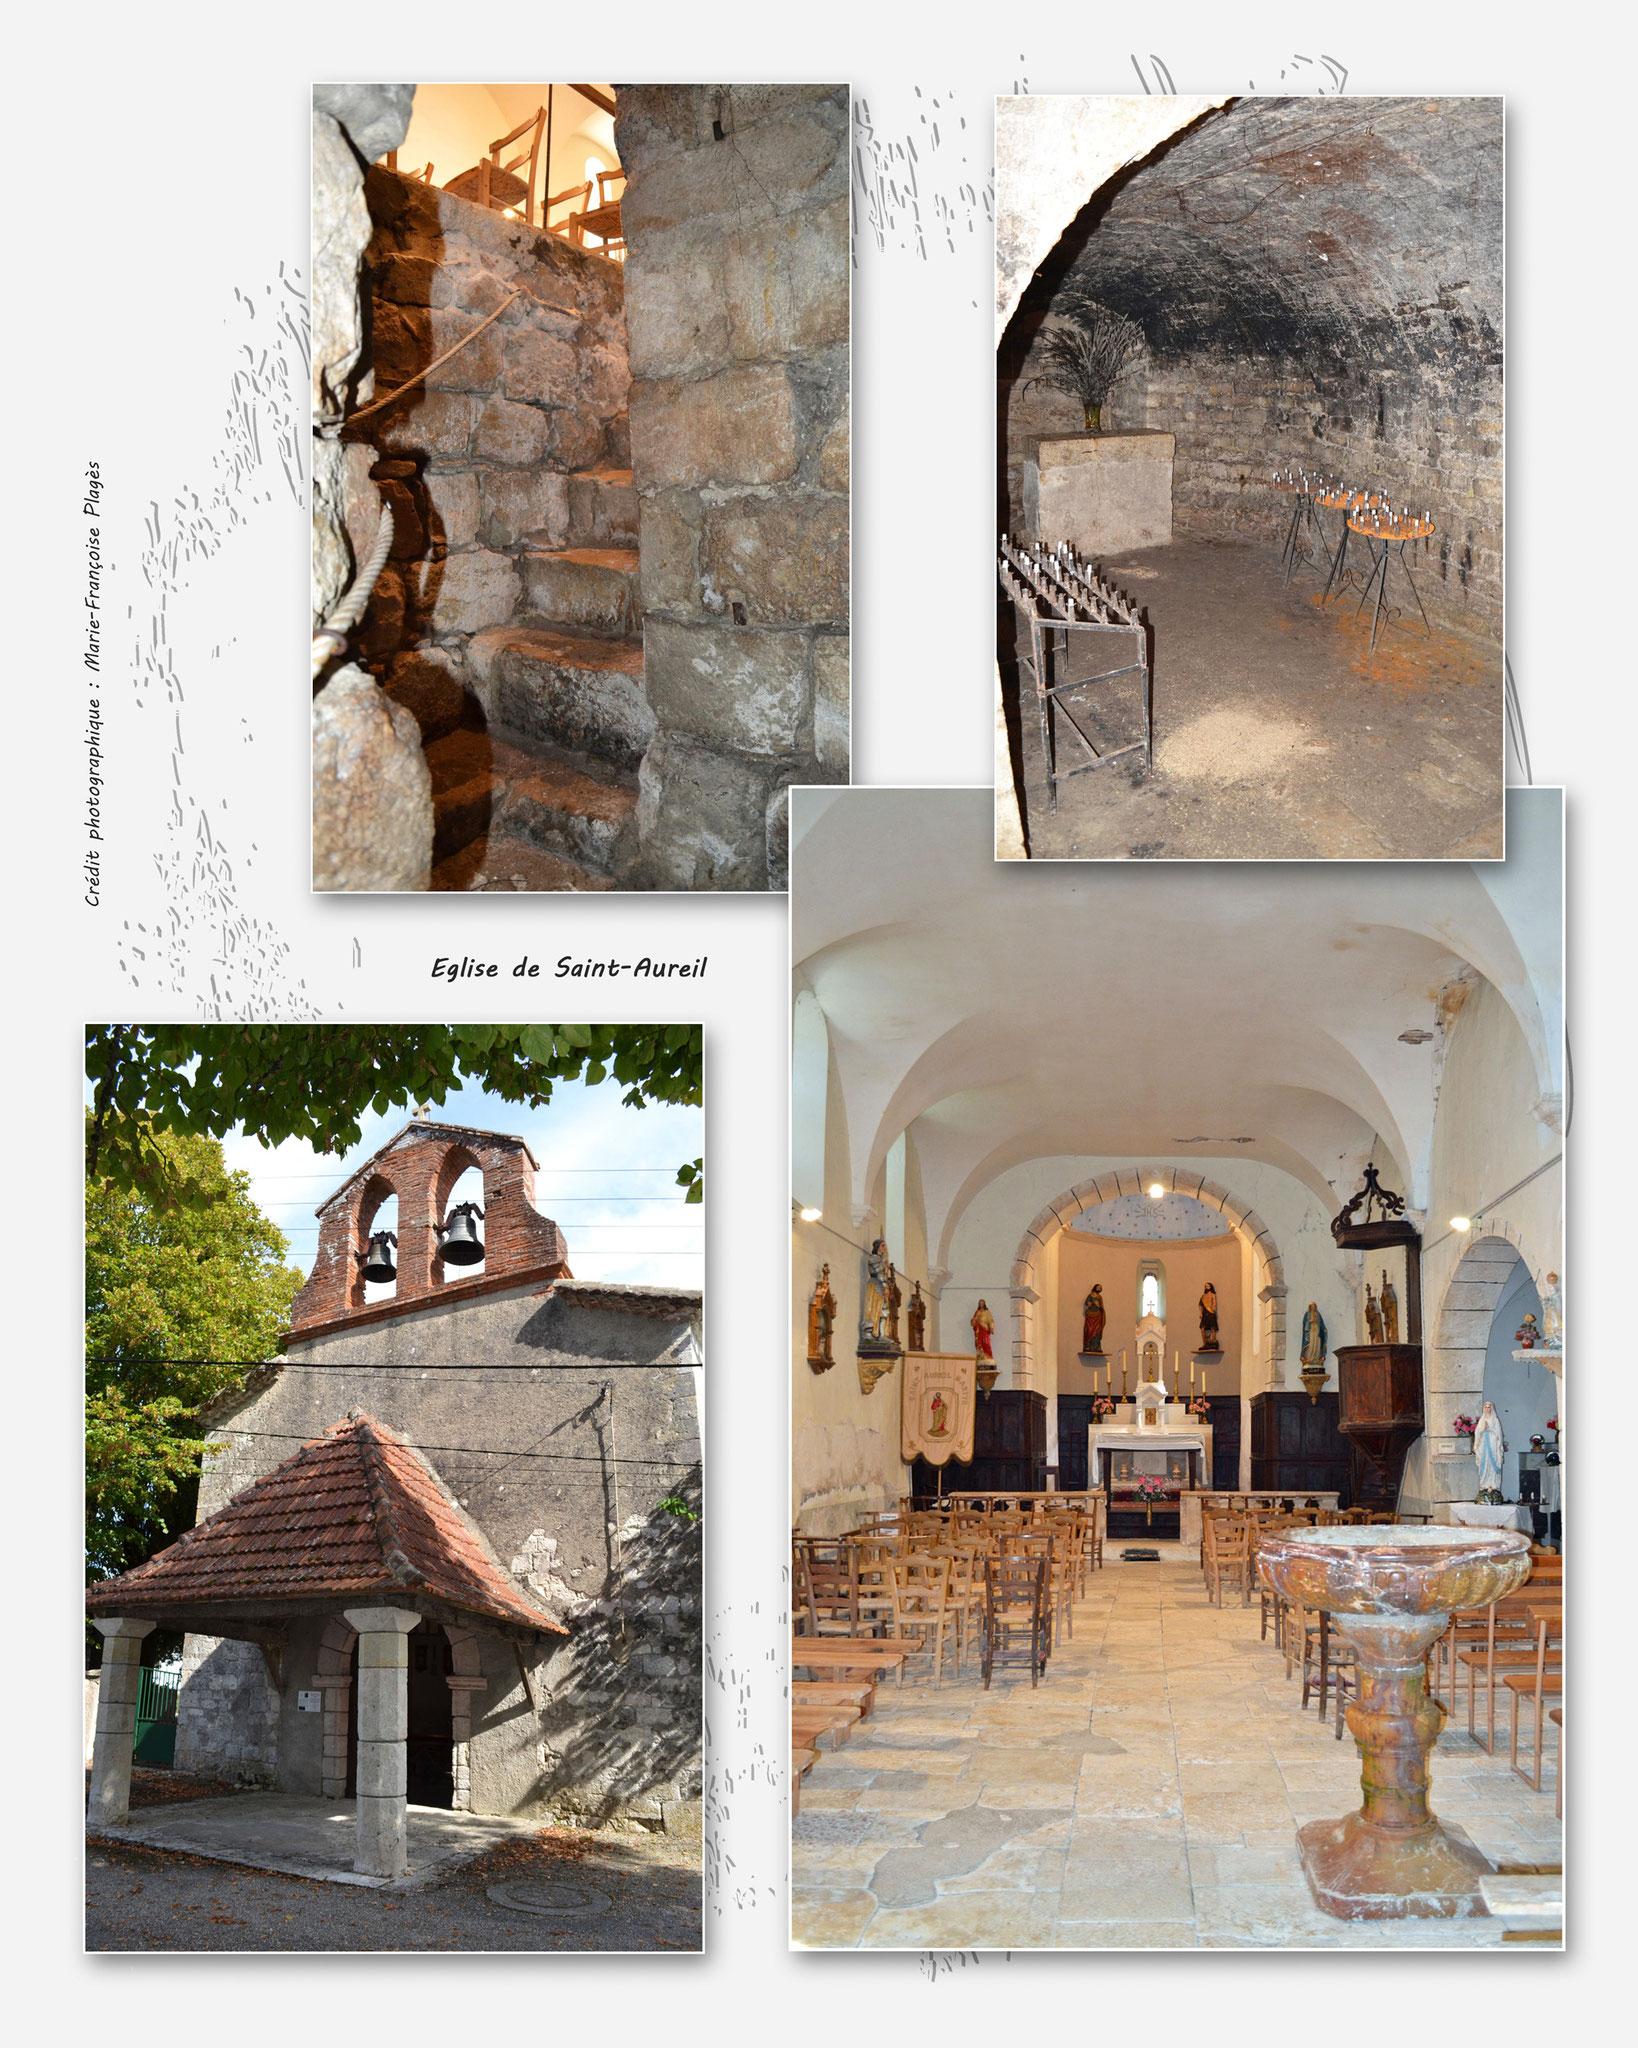 Eglise de Saint-Aureil